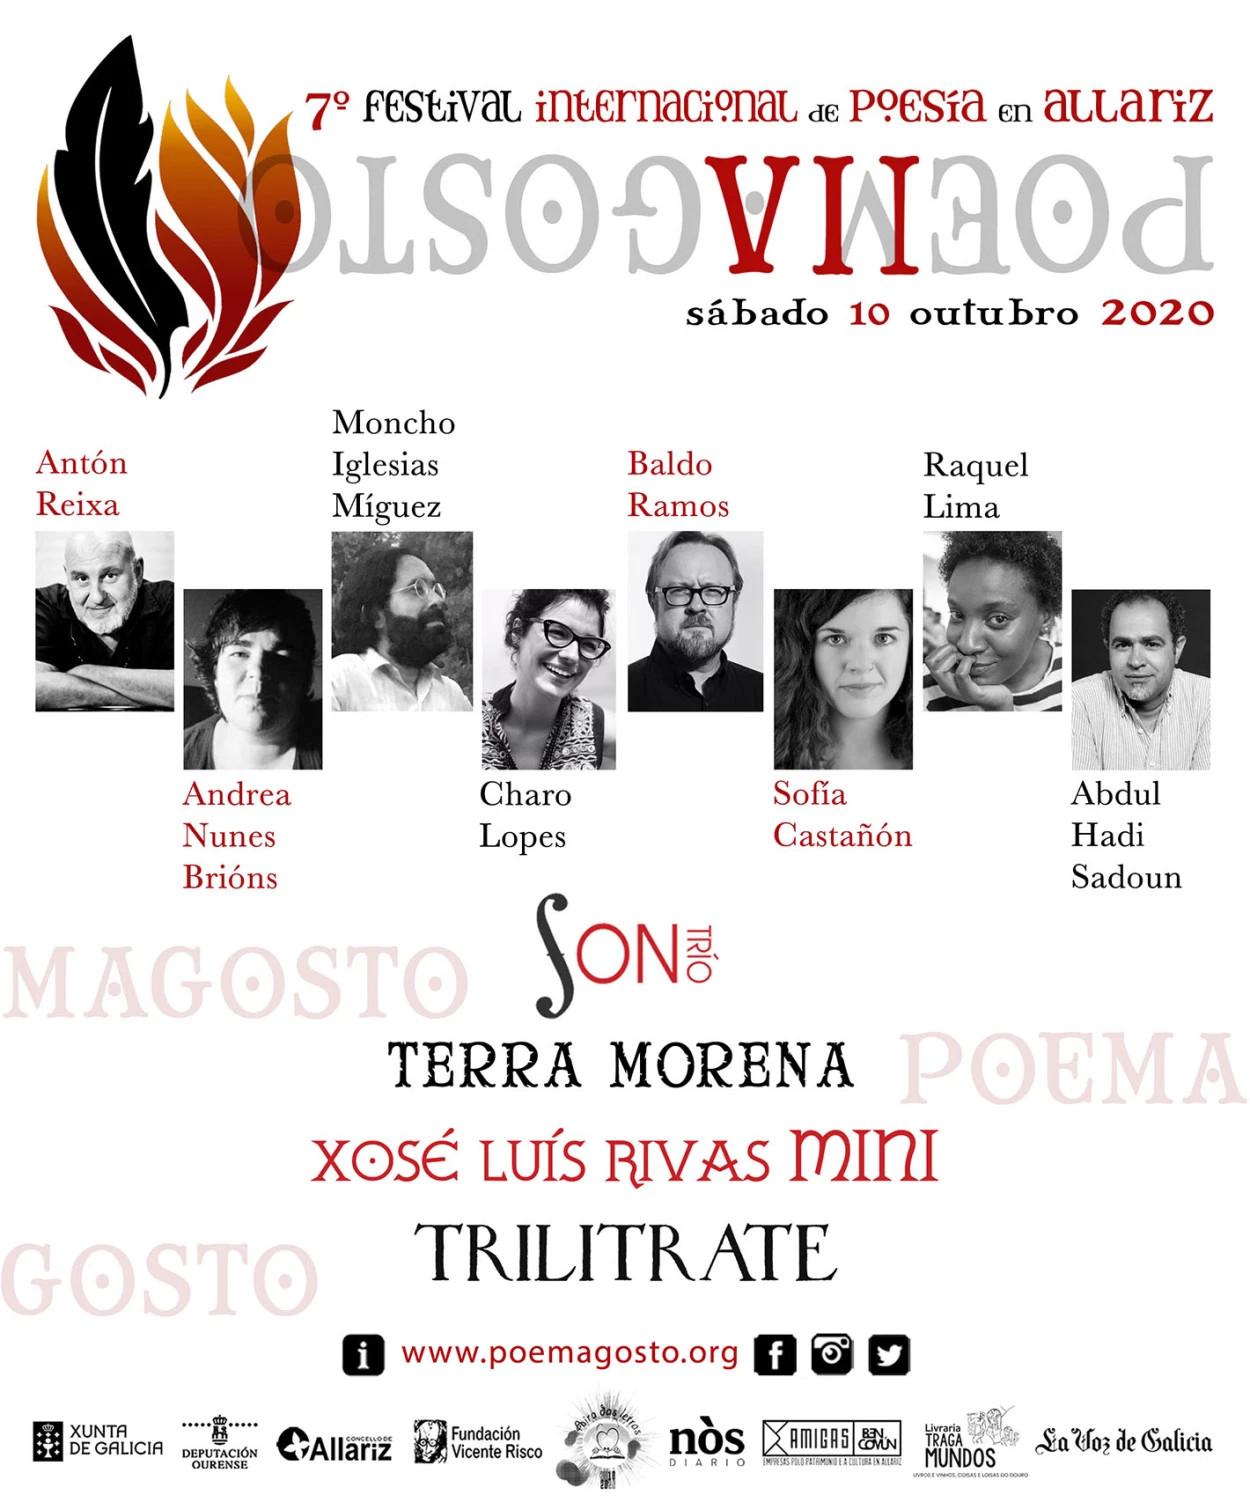 A sétima edición do festival internacional concentra as súas actividades no sábado 10 de outubro